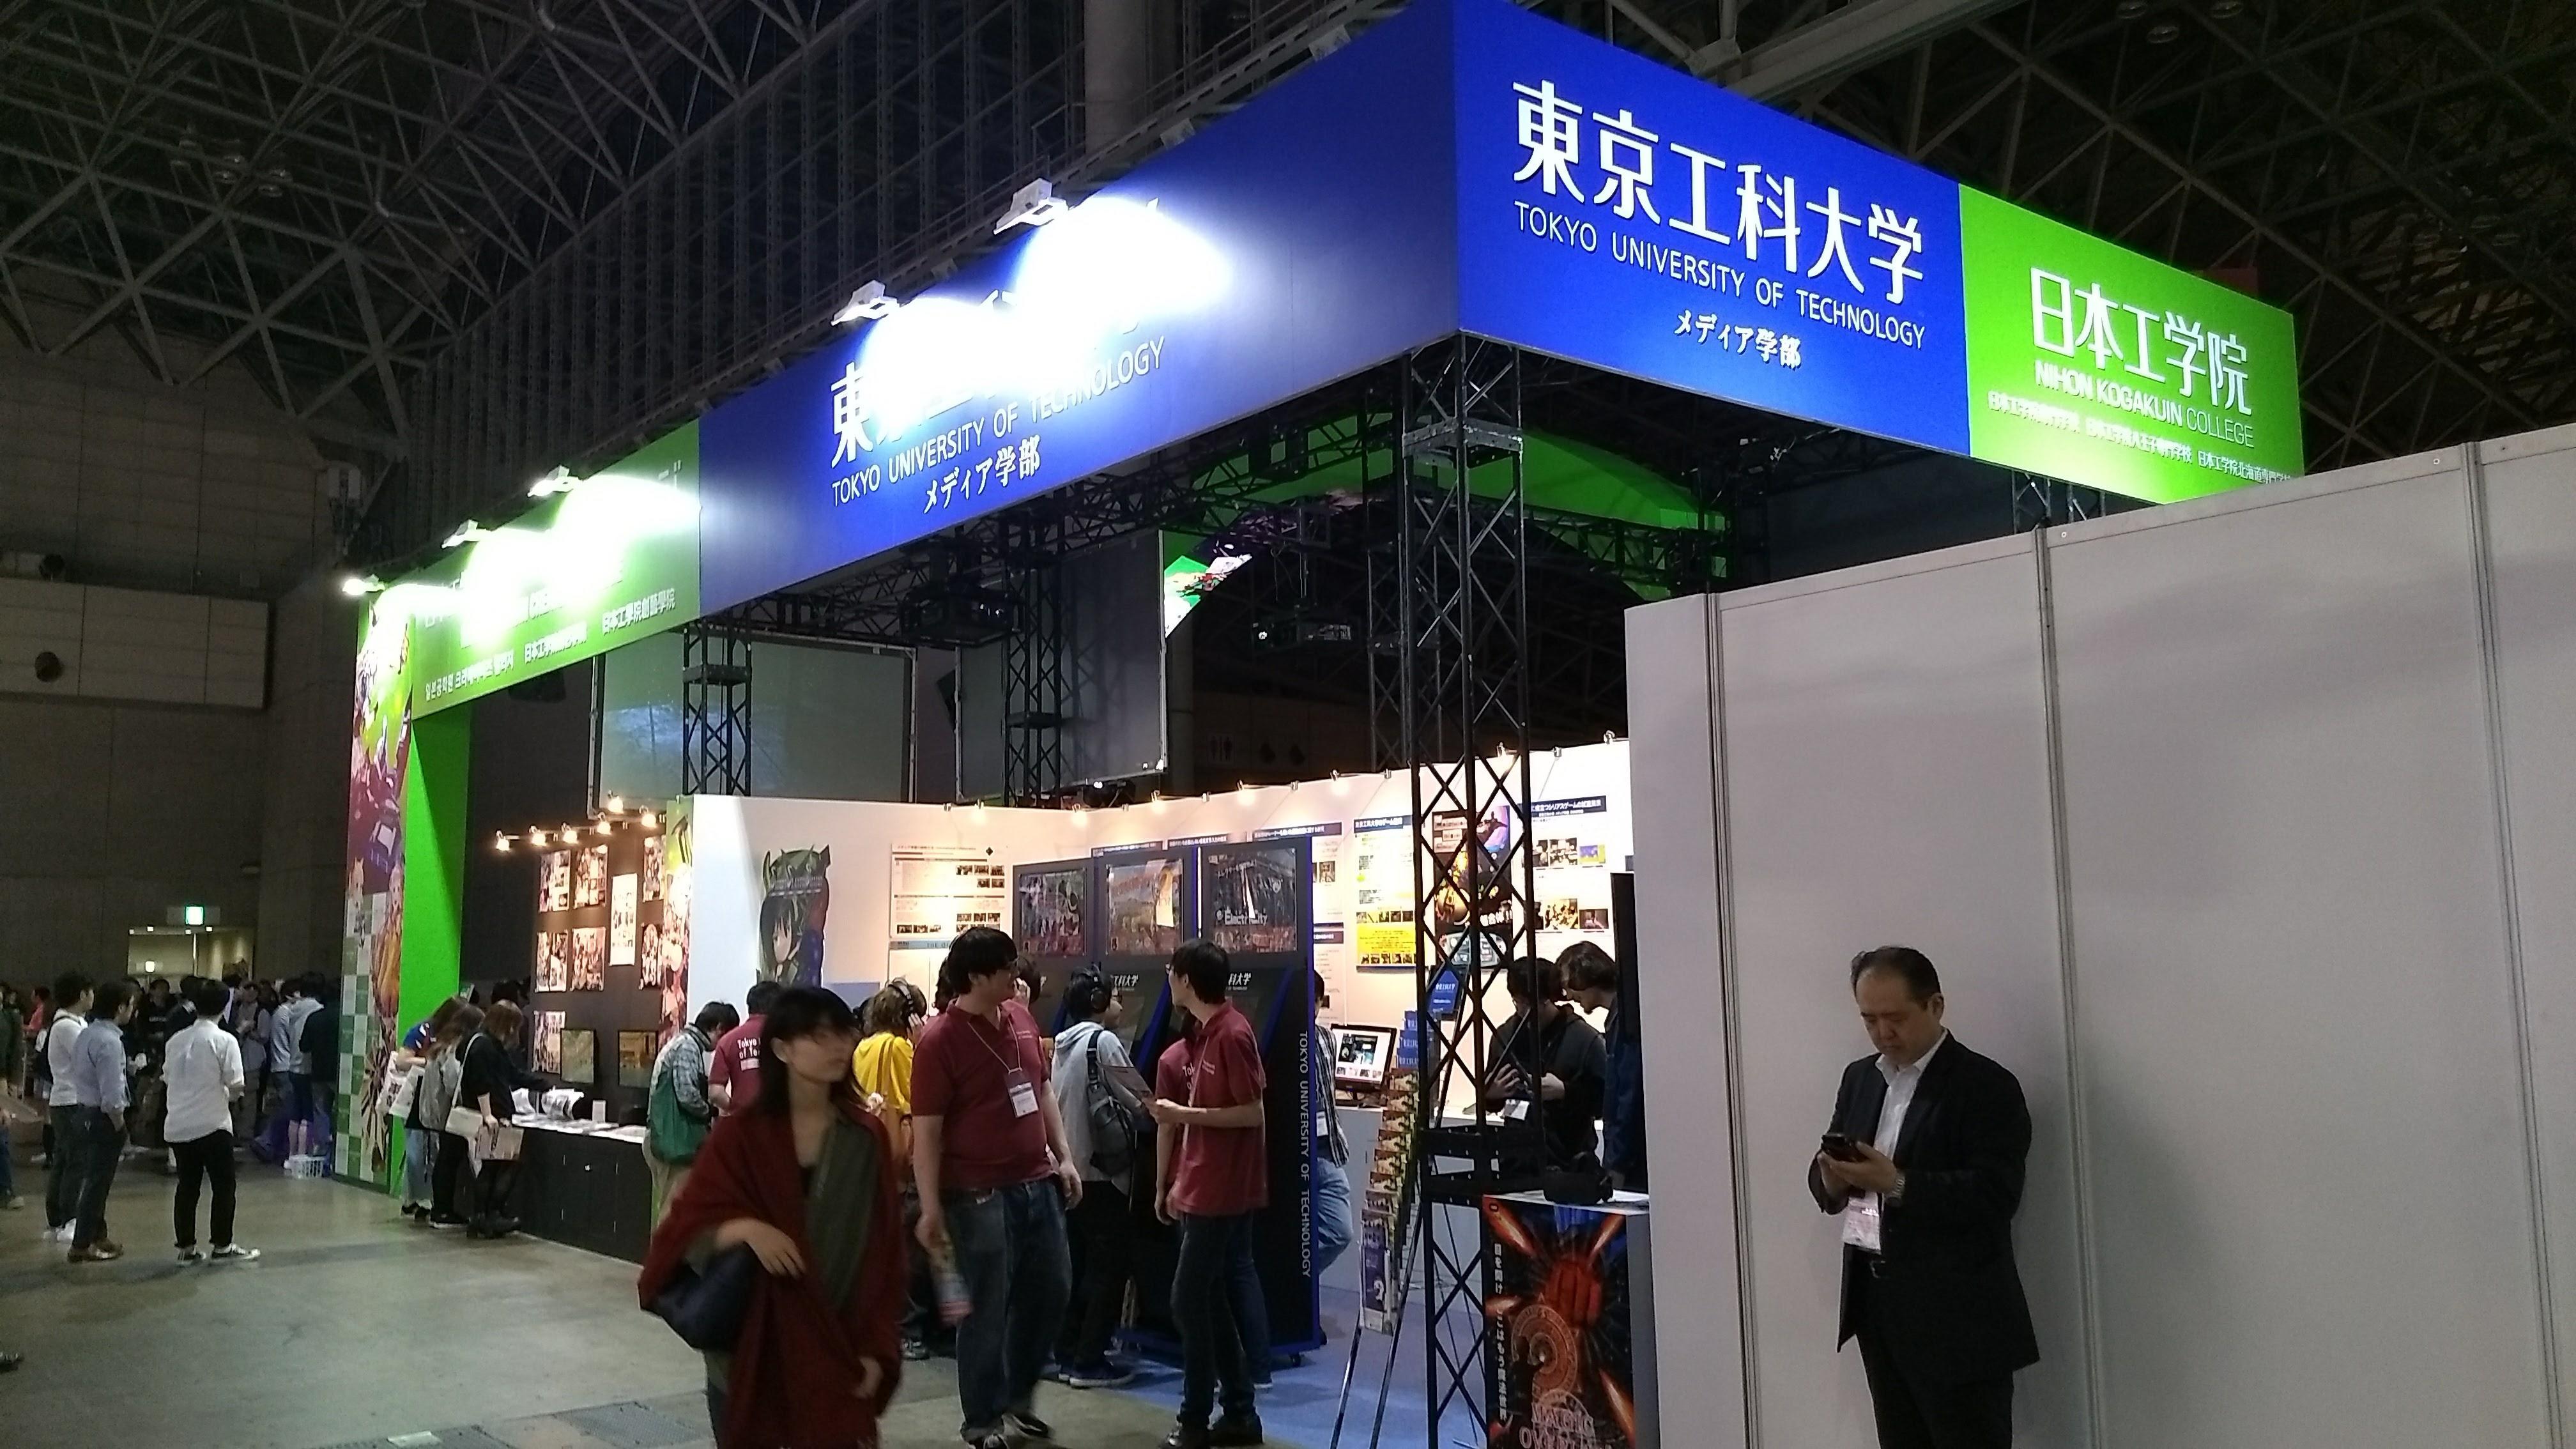 東京ゲームショウ2018にメディア学部が出展 -- 東京工科大学